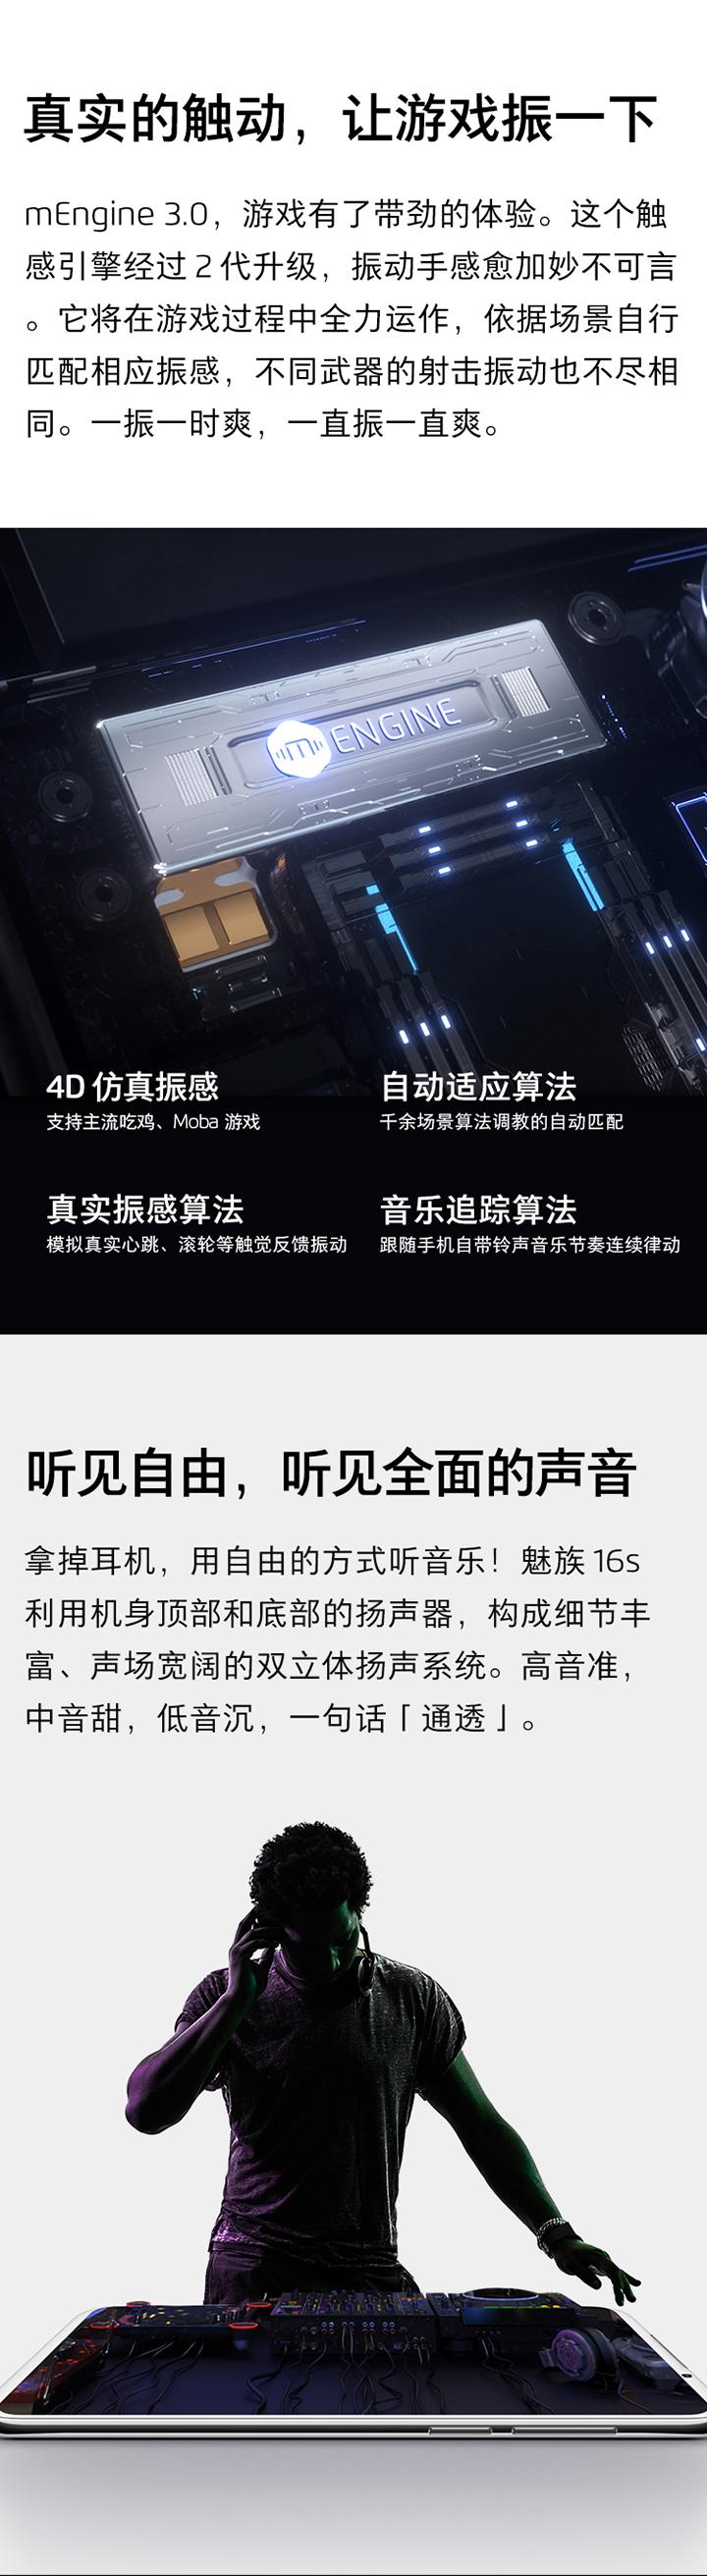 【全网首发】魅族16s手机免费试用,评测